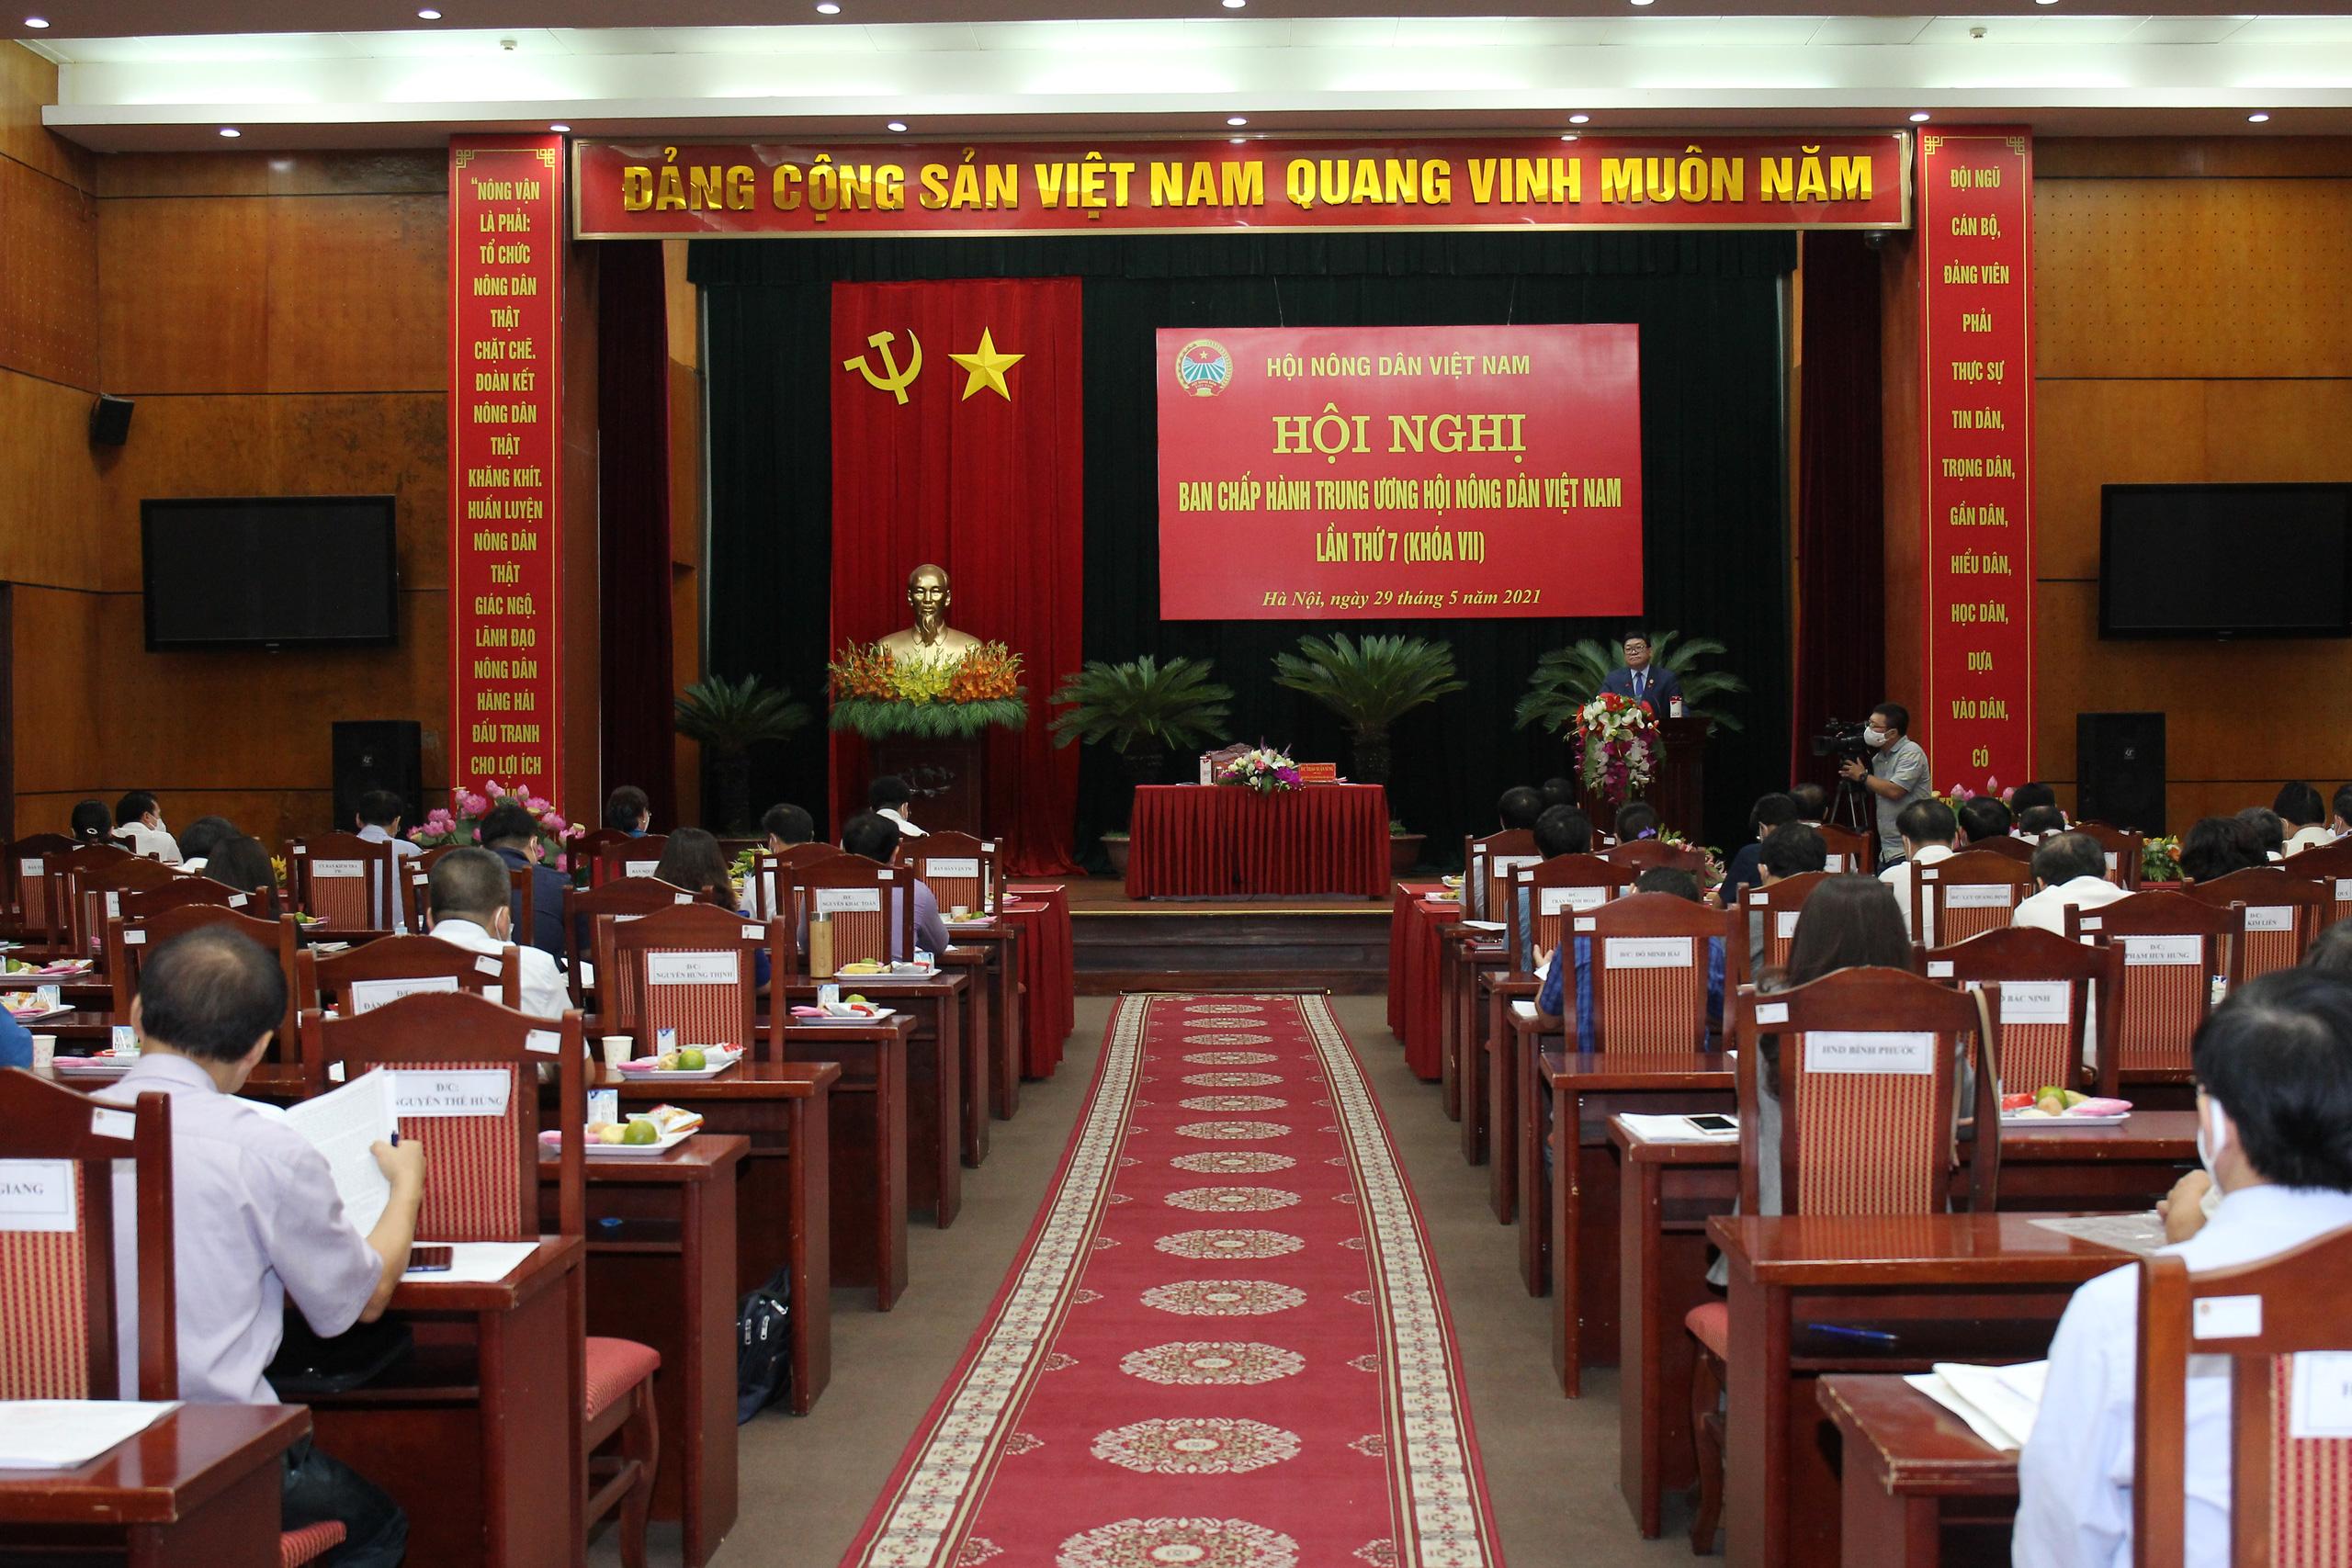 Hôm nay (29/5): Bầu chức danh Chủ tịch T.Ư Hội  Nông dân Việt Nam - Ảnh 2.